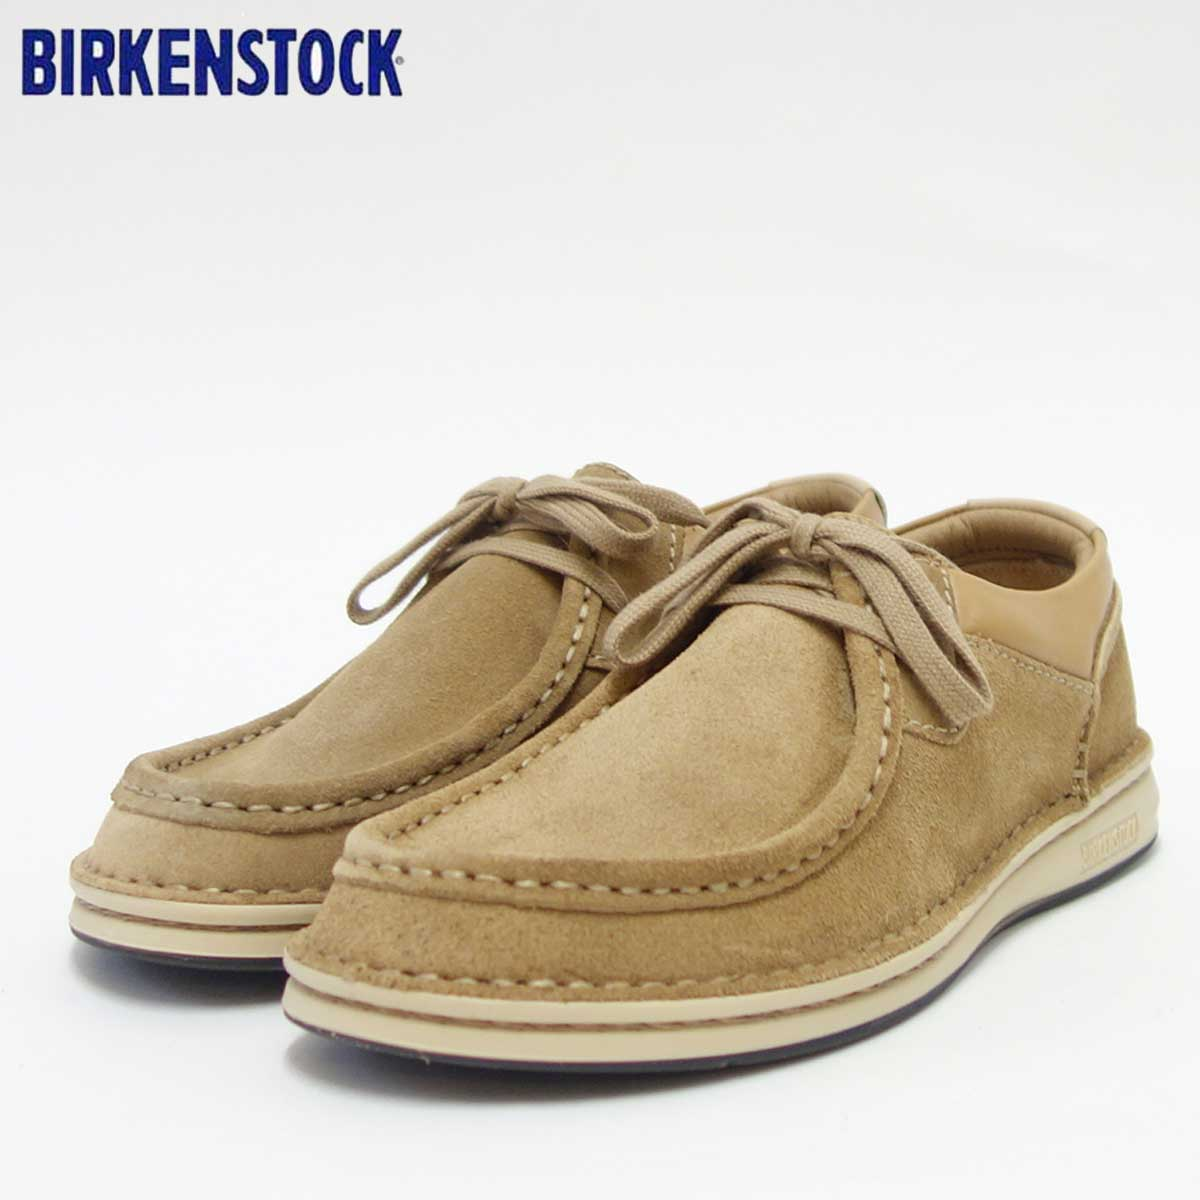 BIRKENSTOCK(ビルケンシュトック)PASADENA(パサデナ)幅狭(ナローフィット)GC 1008623(スエードレザー/サンド)ドイツ生まれの快適フットベッド(正規輸入品)「靴」